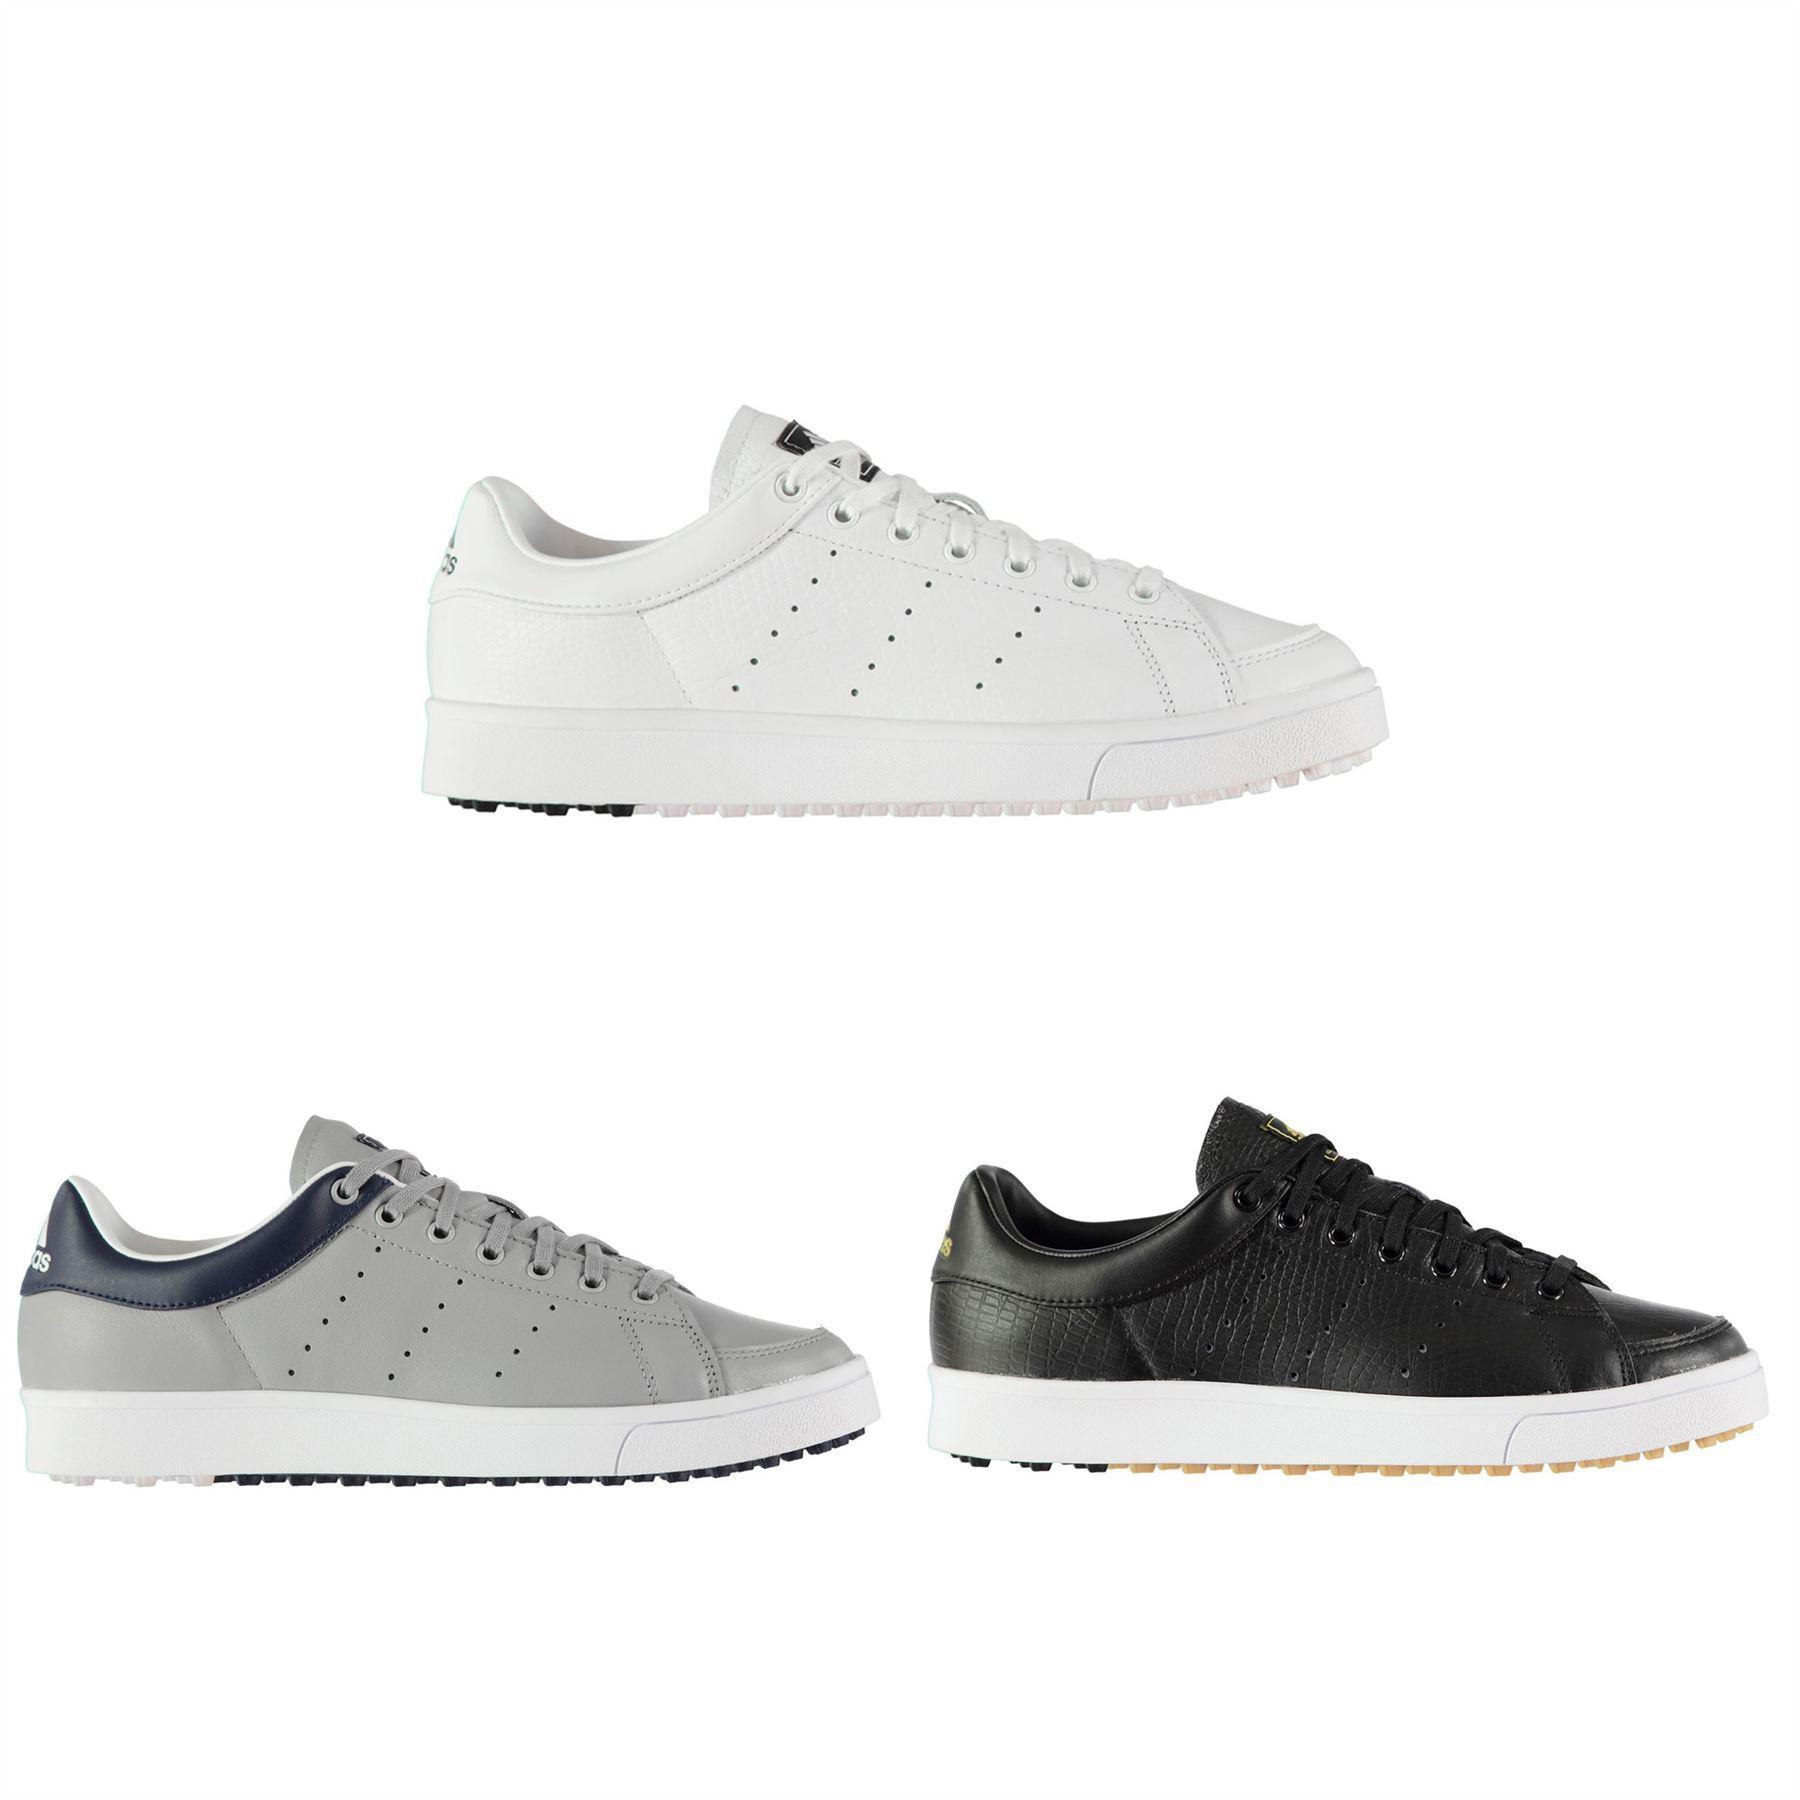 cb8a322f0a6 adidas Adicross Golf Shoes Mens Spikeless Footwear adidas Adicross Golf  Shoes Mens Spikeless Footwear ...